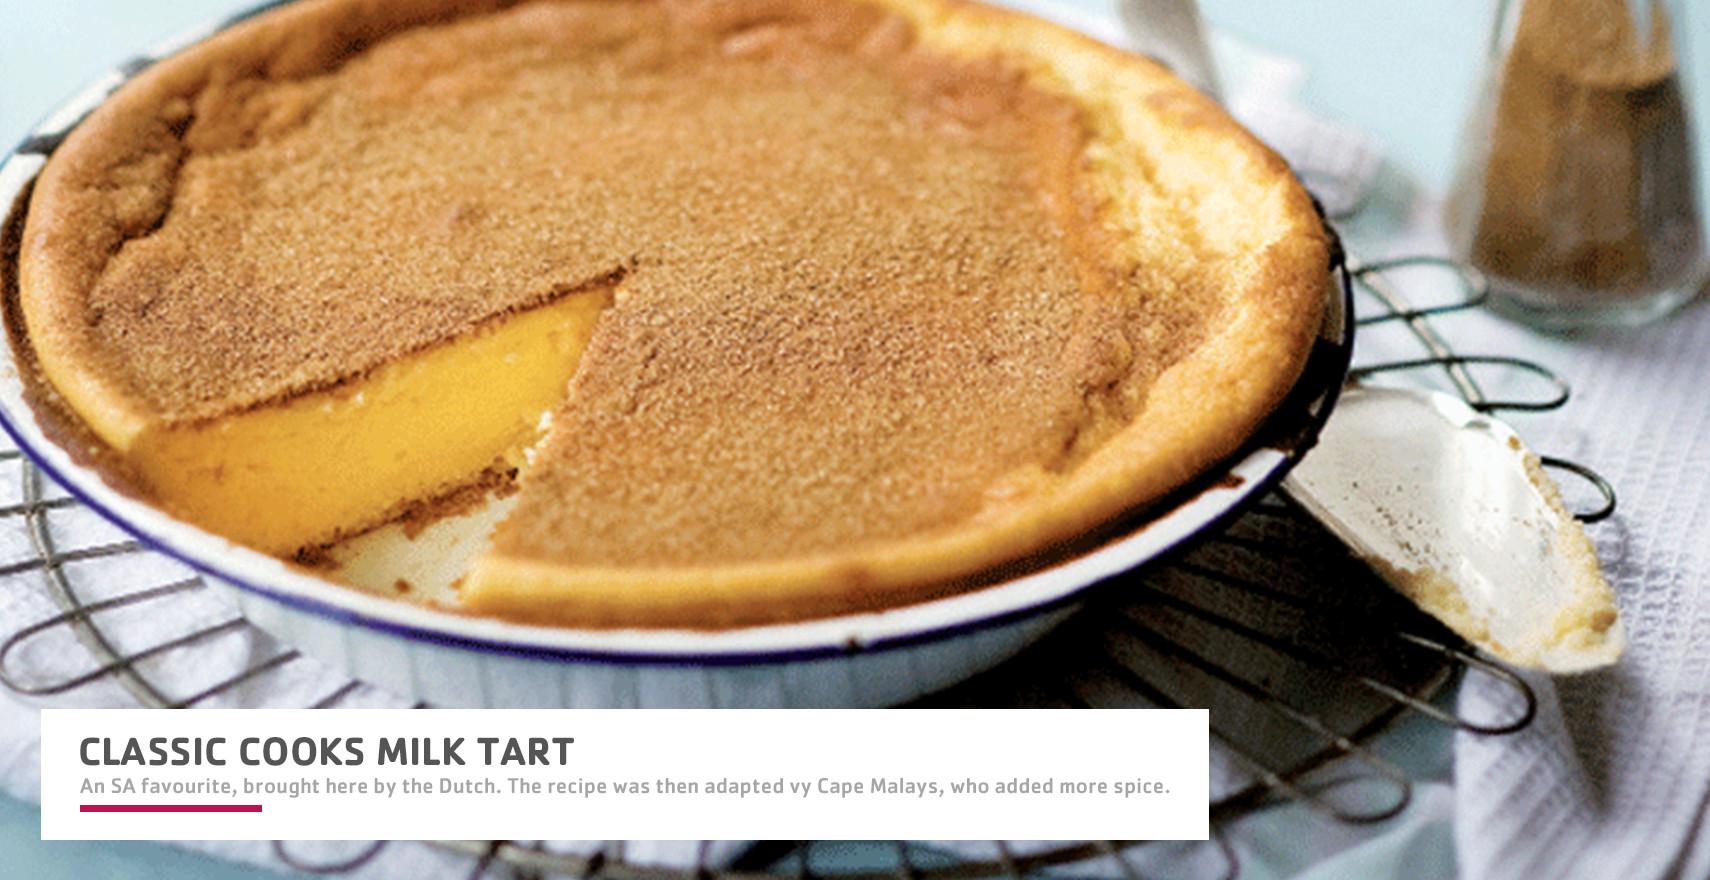 Dessert-Classic Cooks Milk Tart.jpg